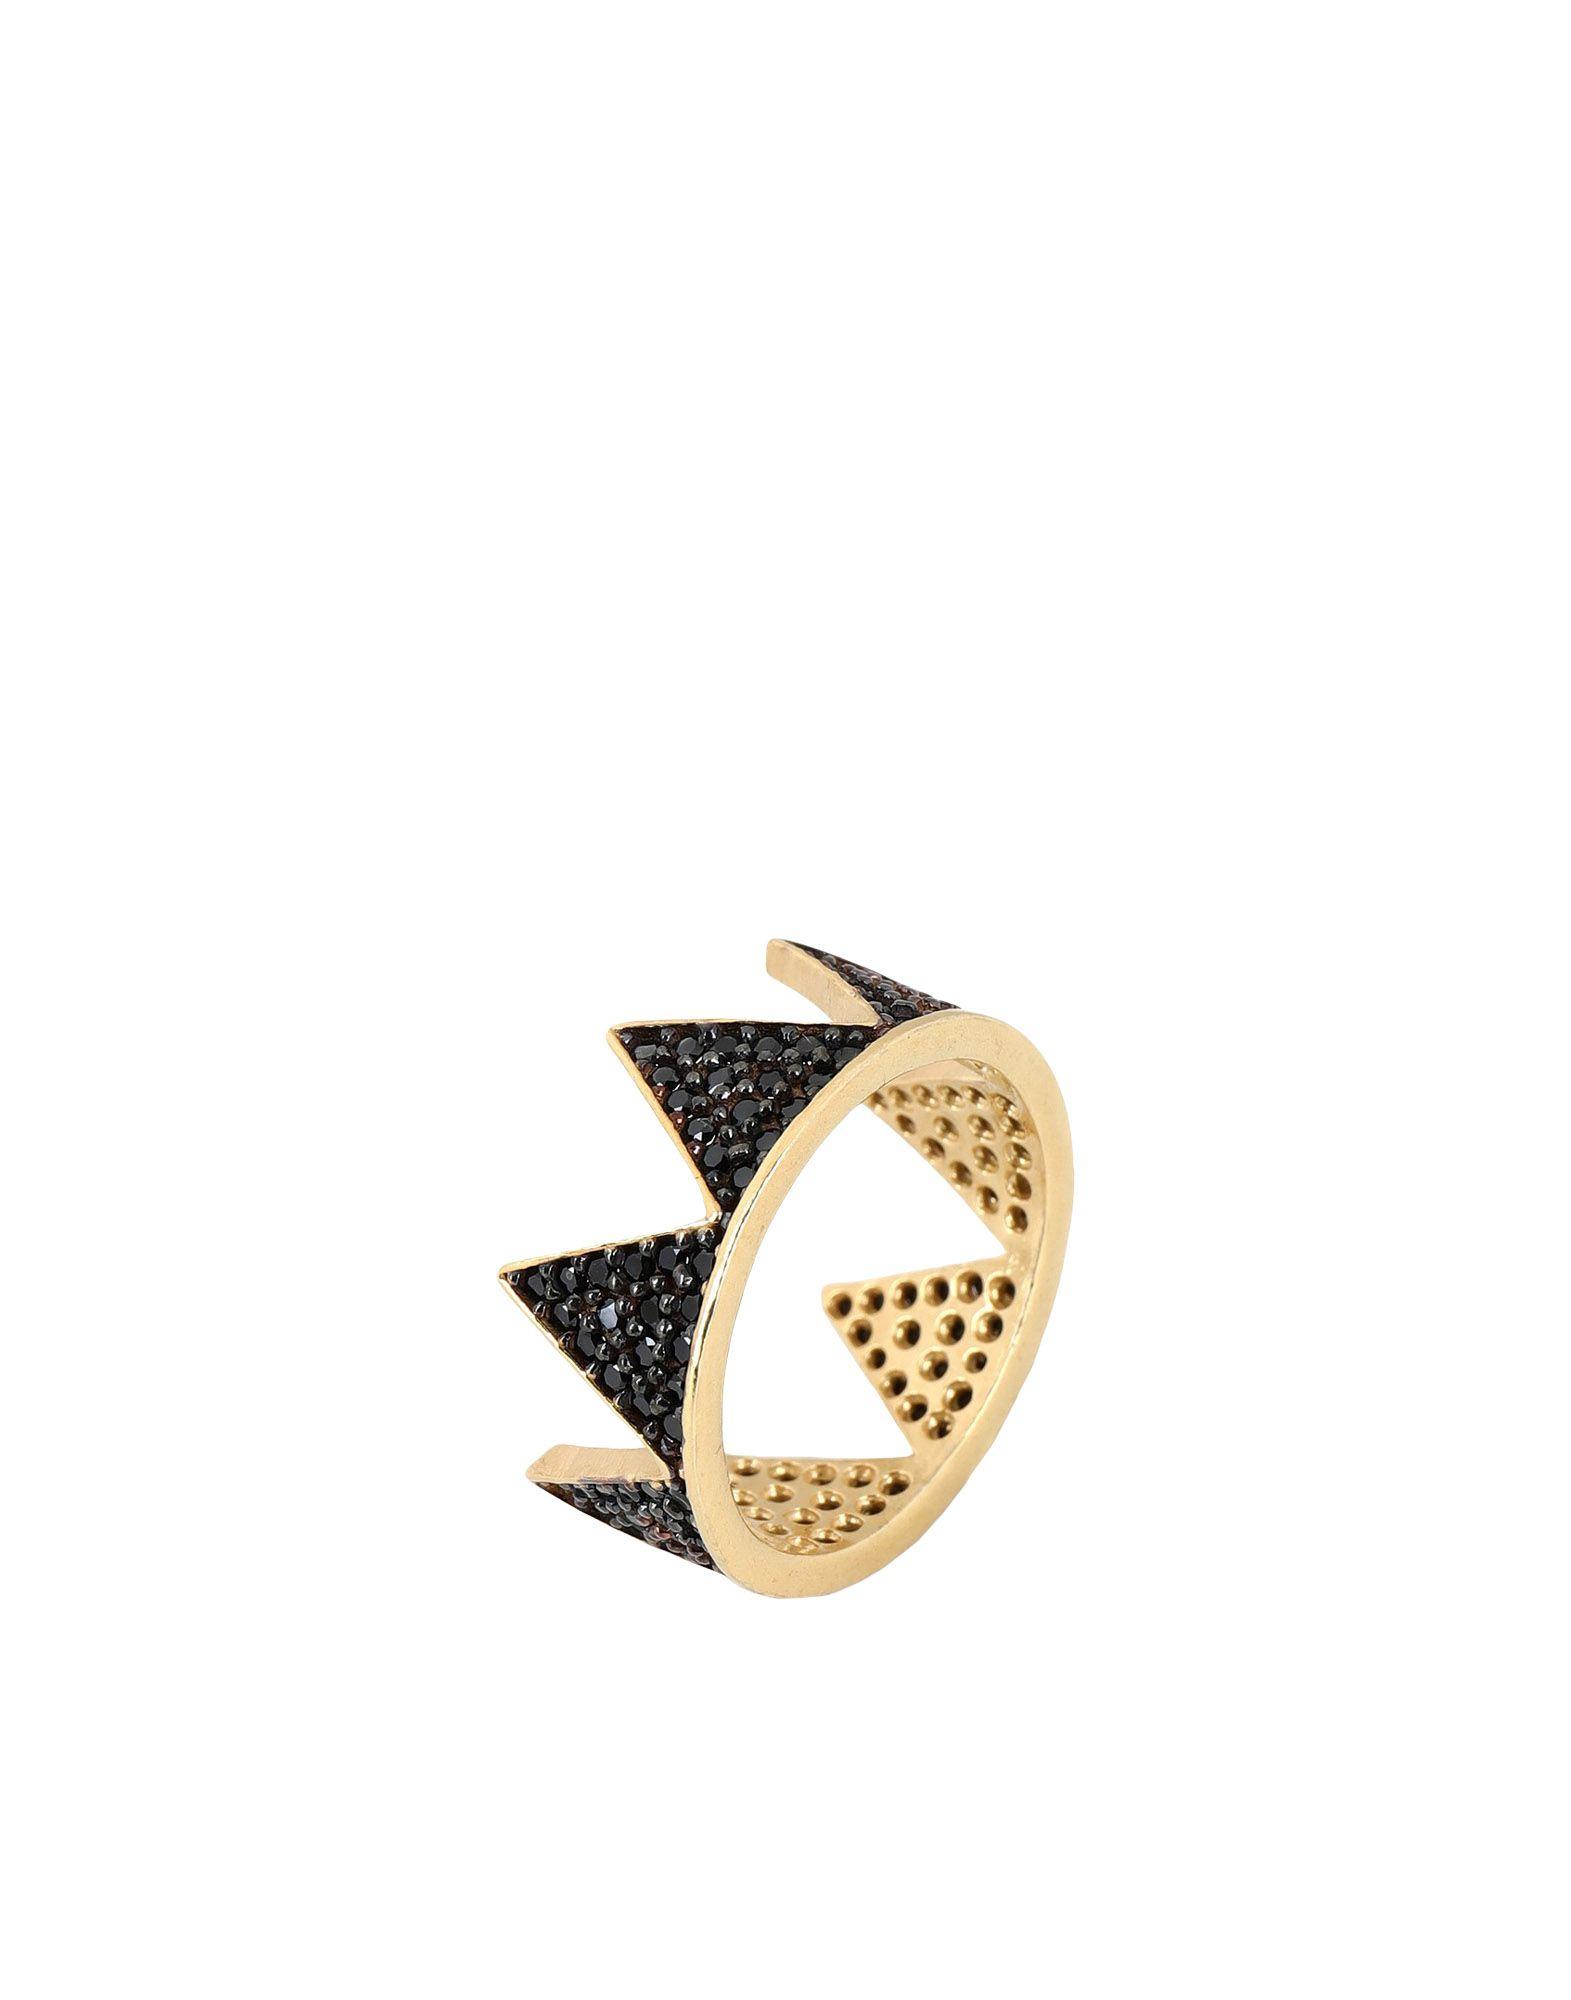 《セール開催中》FIRST PEOPLE FIRST レディース 指輪 ゴールド 7 シルバー925/1000 / 18金メッキ / キュービックジルコニア Hestia Full Zircon Crown Ring